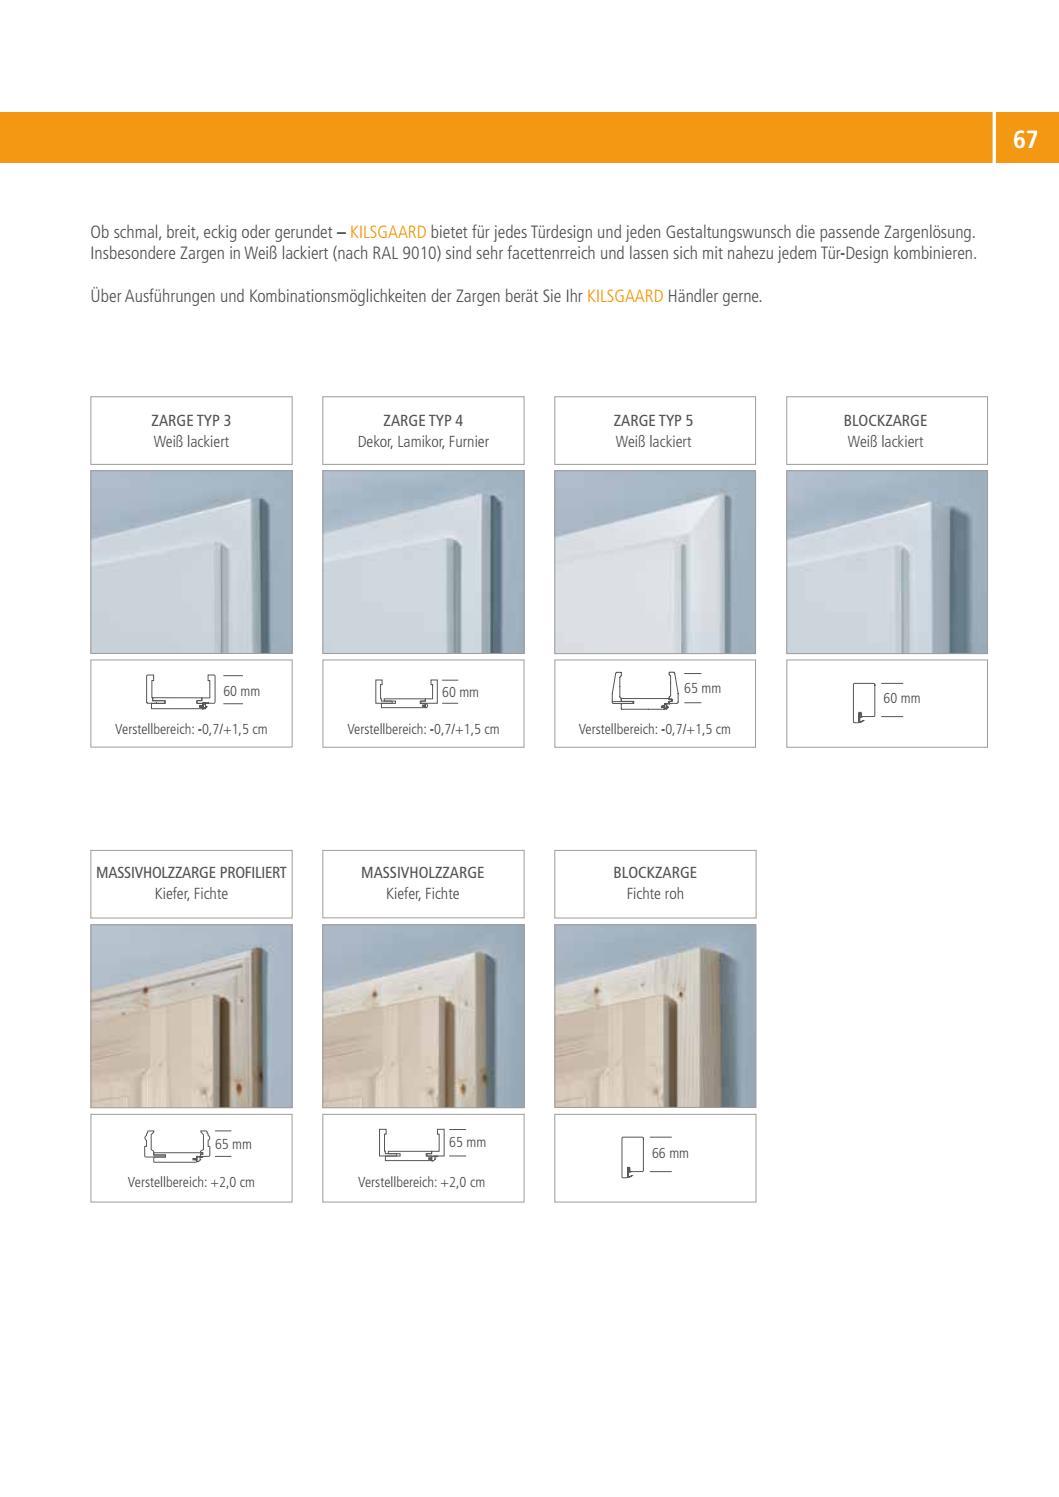 Fantastisch Acrylglas Blockzargen Bilder - Benutzerdefinierte ...